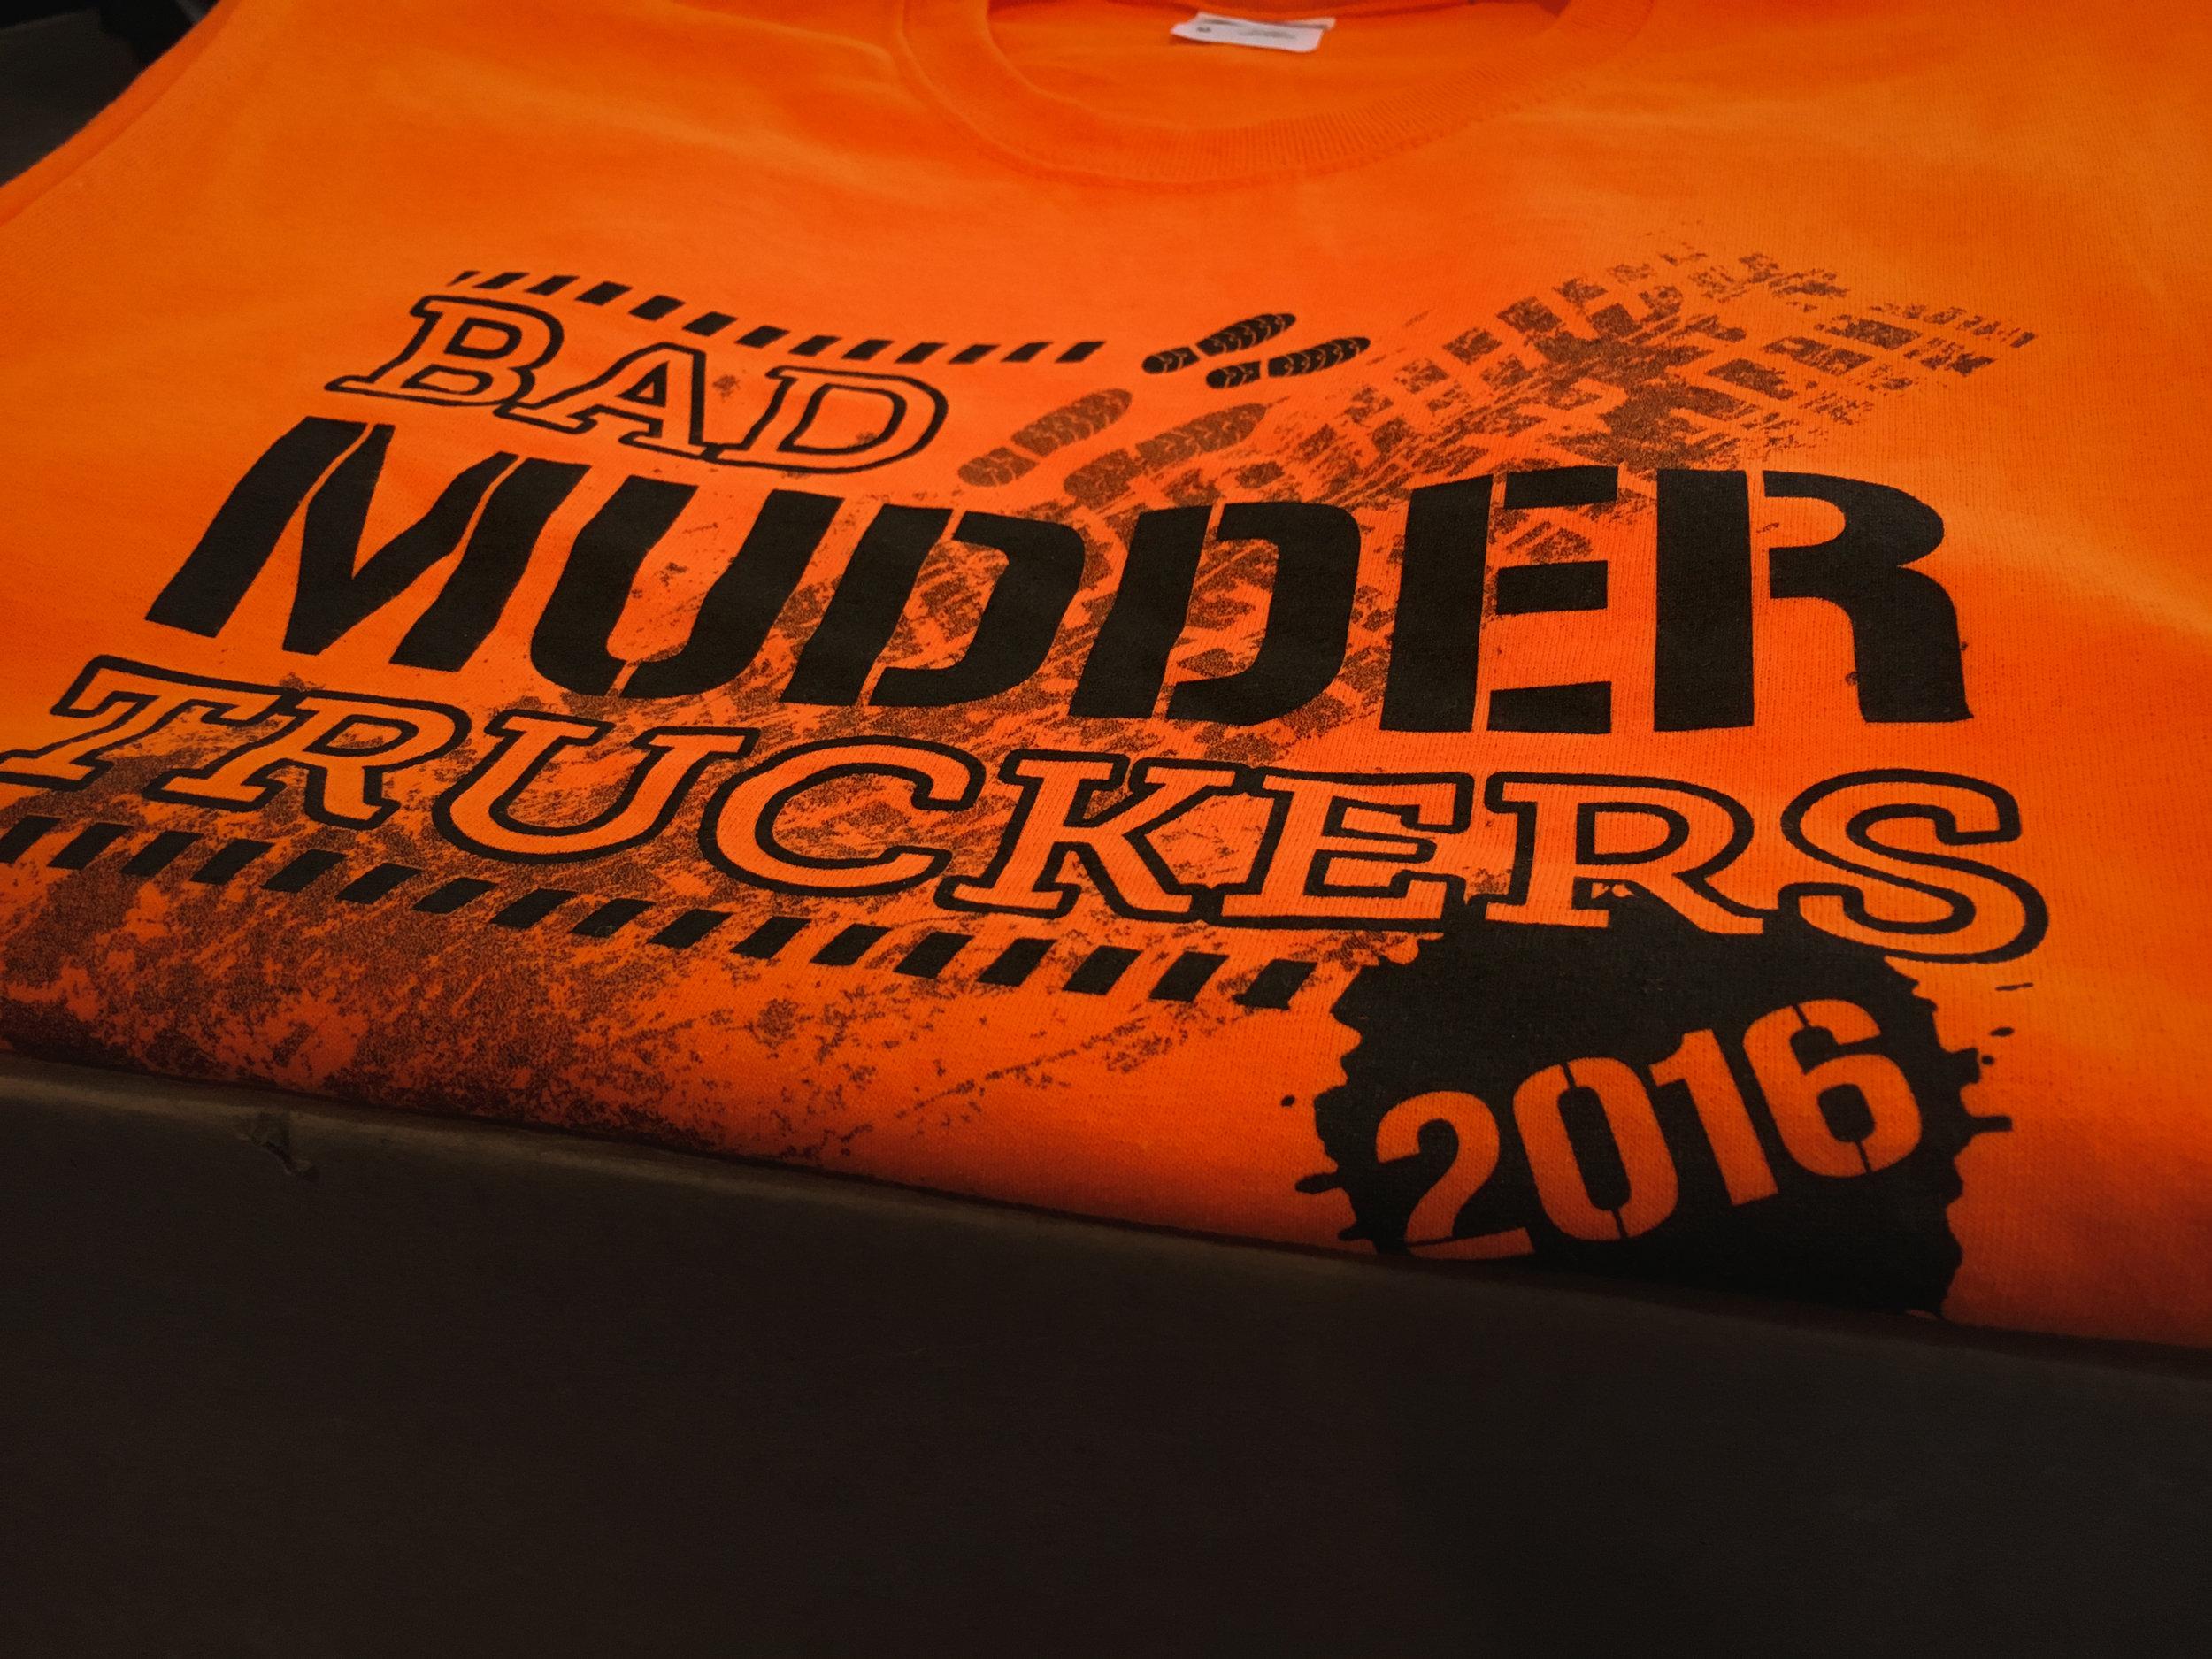 bad-mudder-truckers-orange-tee-edit.jpg